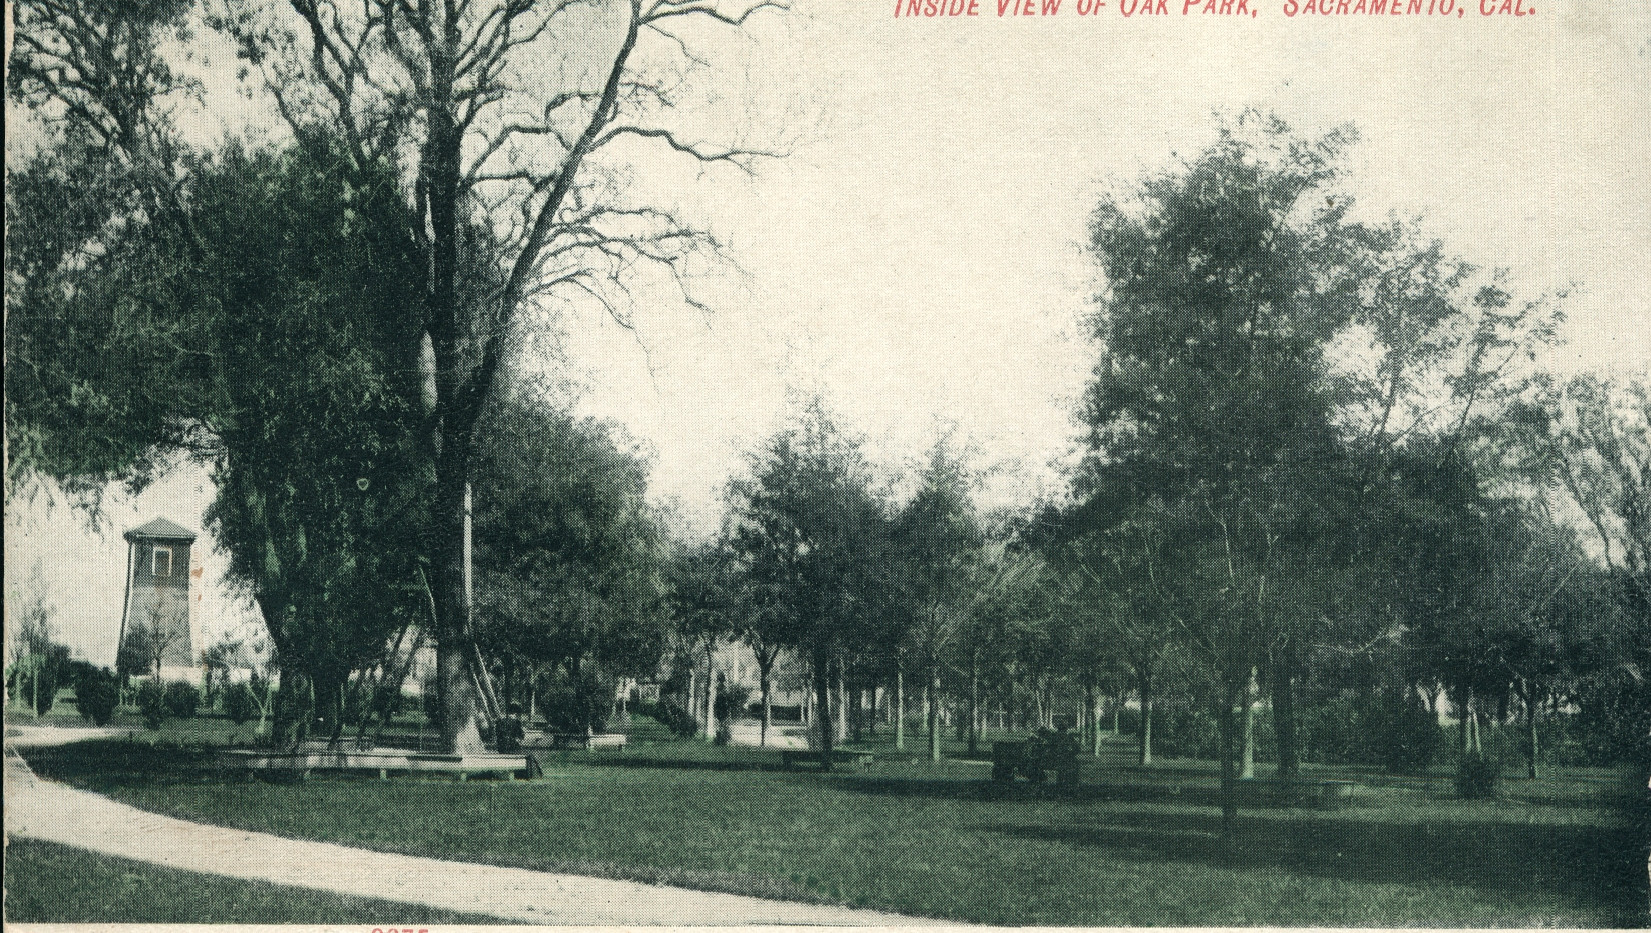 Inside View of Oak Park, Sacramento, California